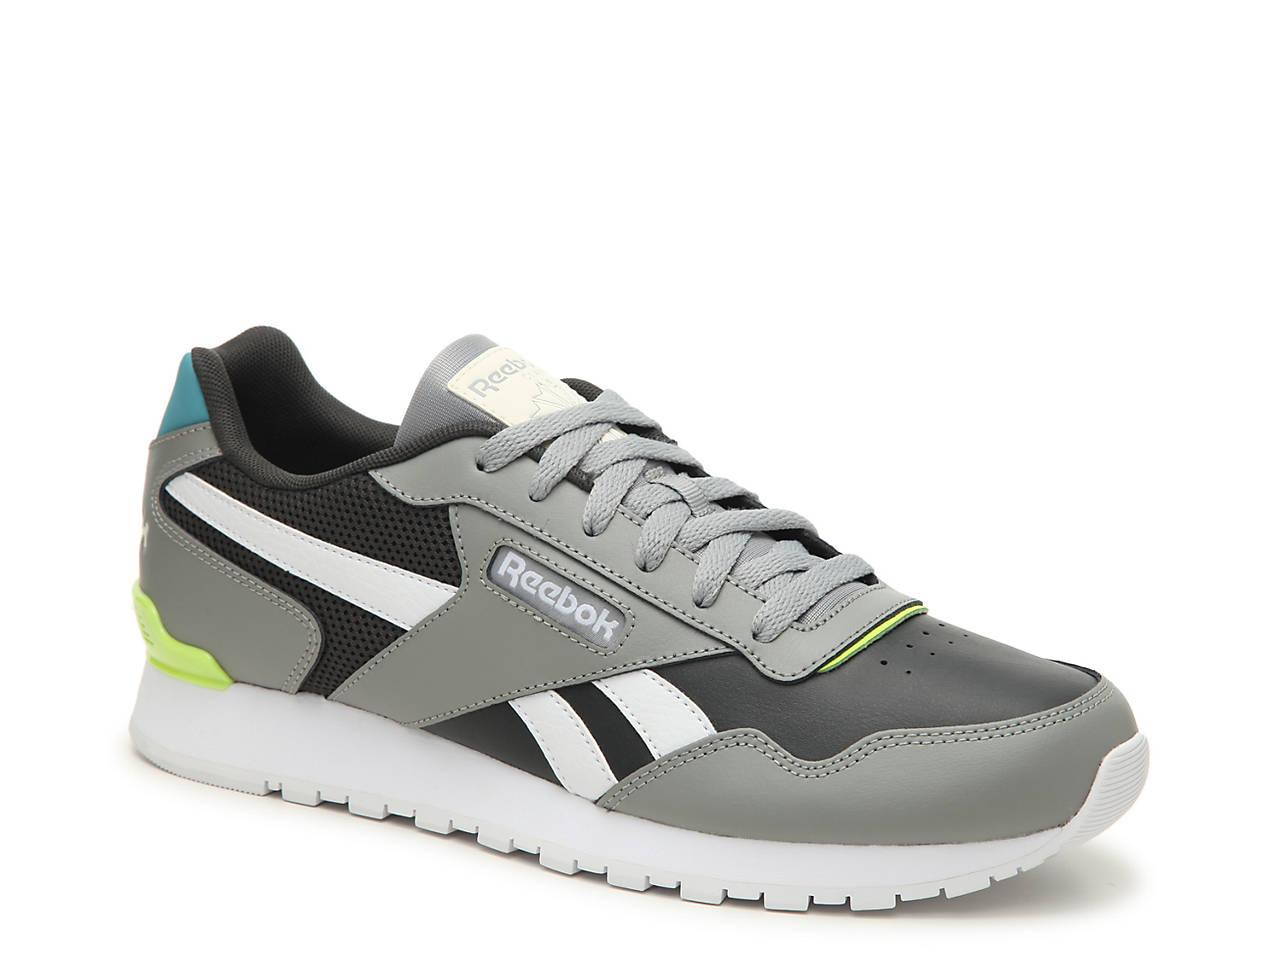 384746679ced3 Reebok Harman Sneaker - Men s Men s Shoes